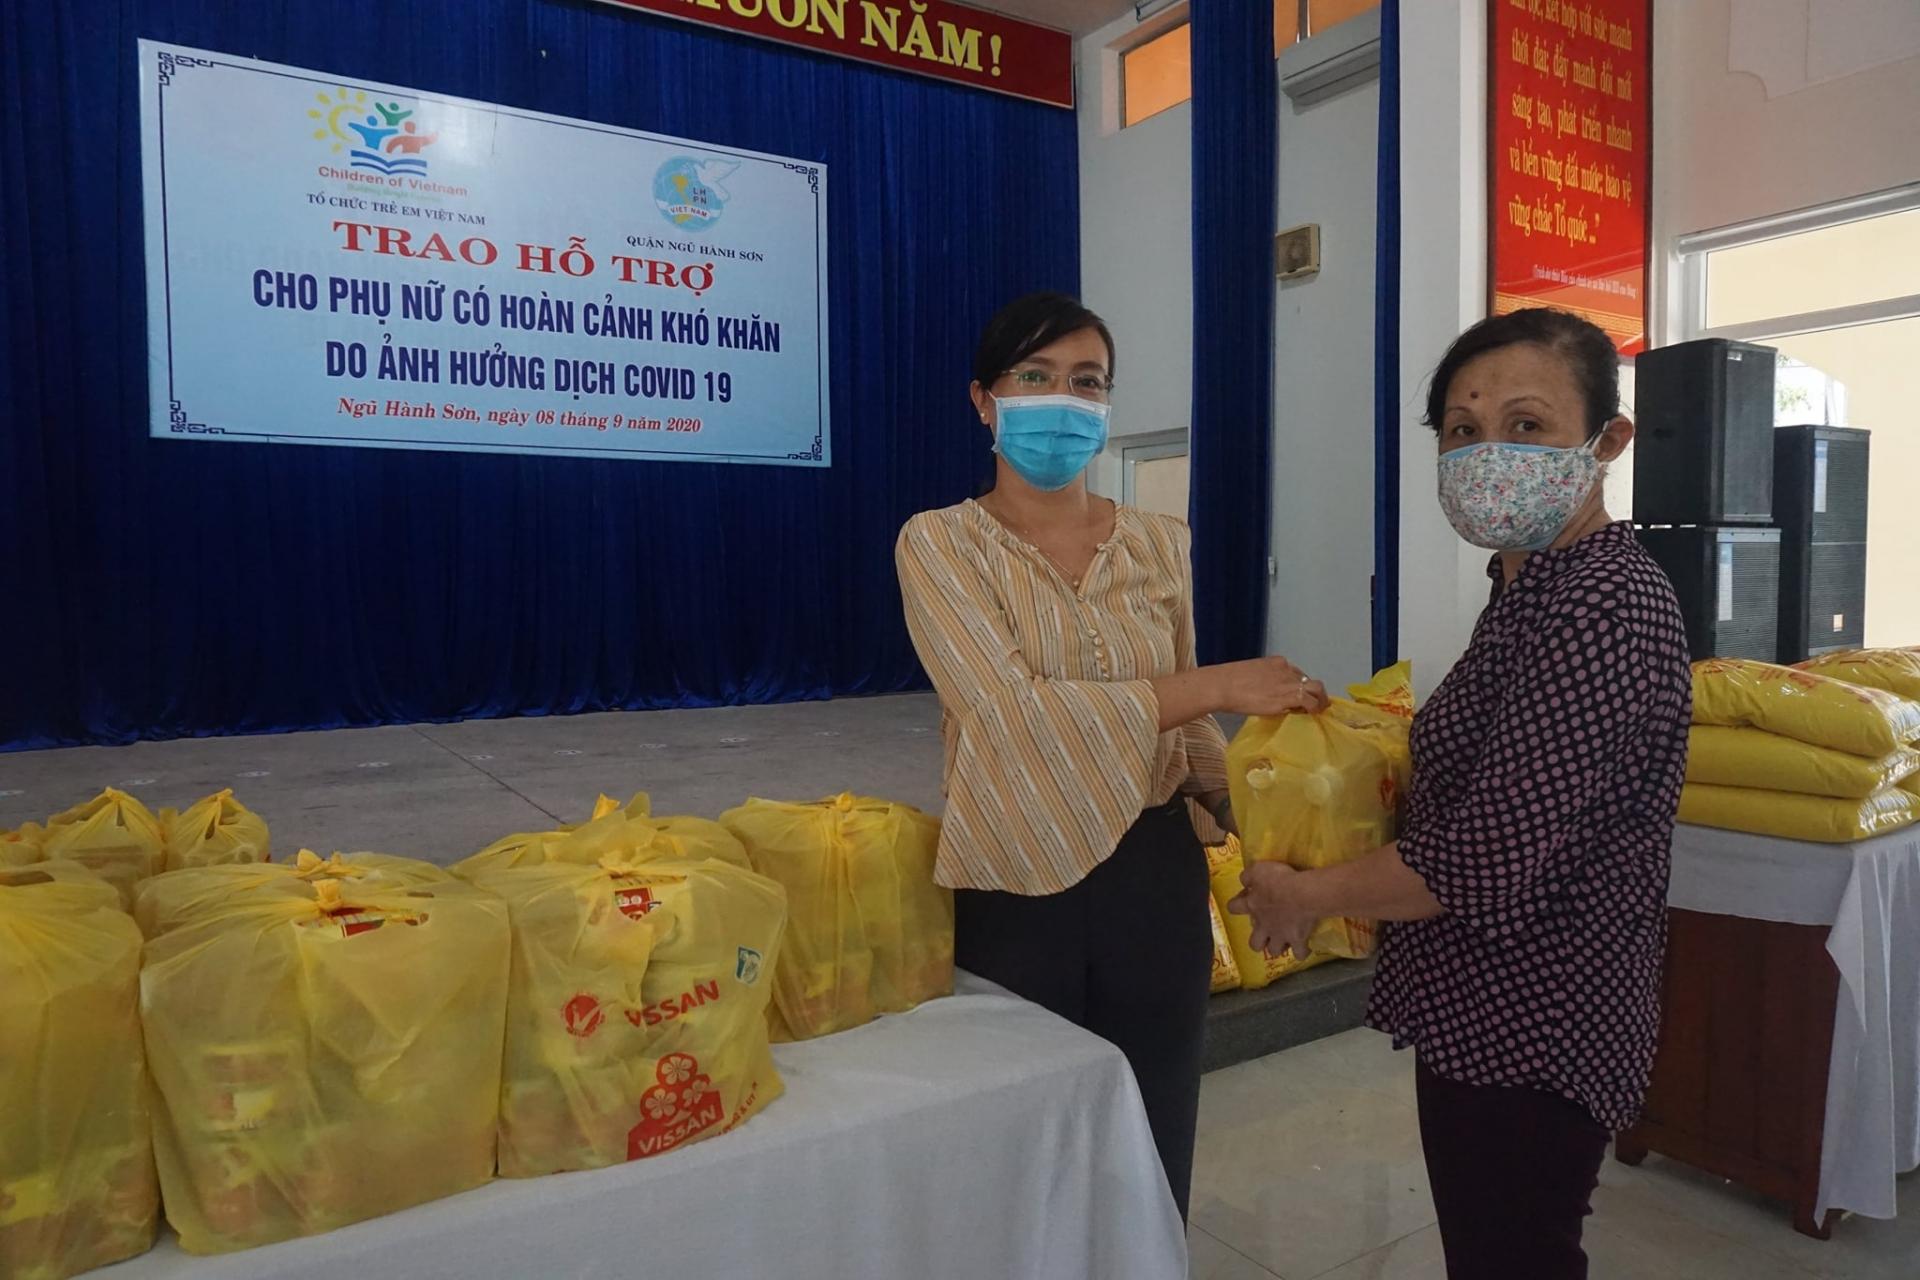 Vietnamese in Italy support Da Nang city's battle against virus